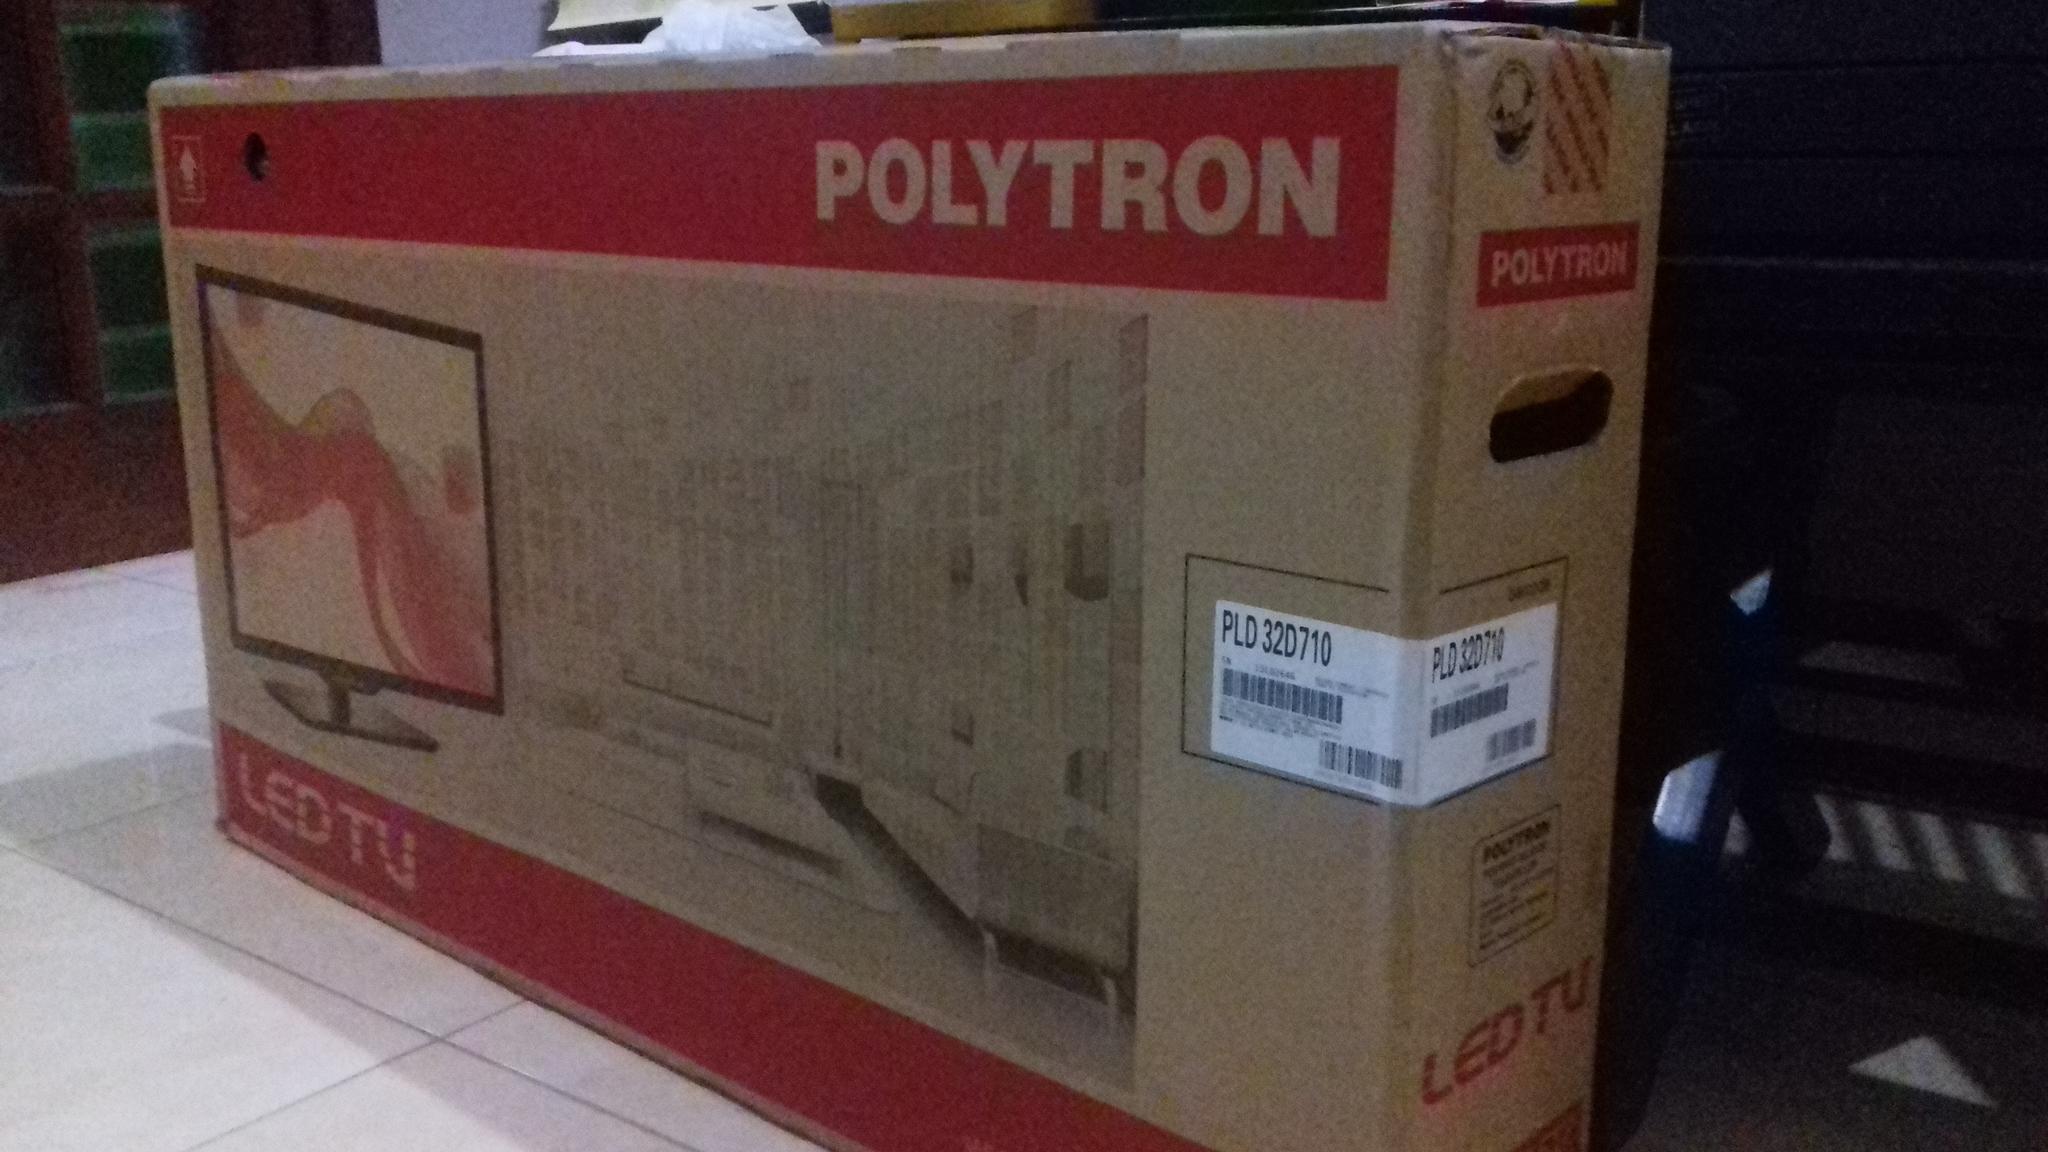 Jual TV Polytron LED PLD